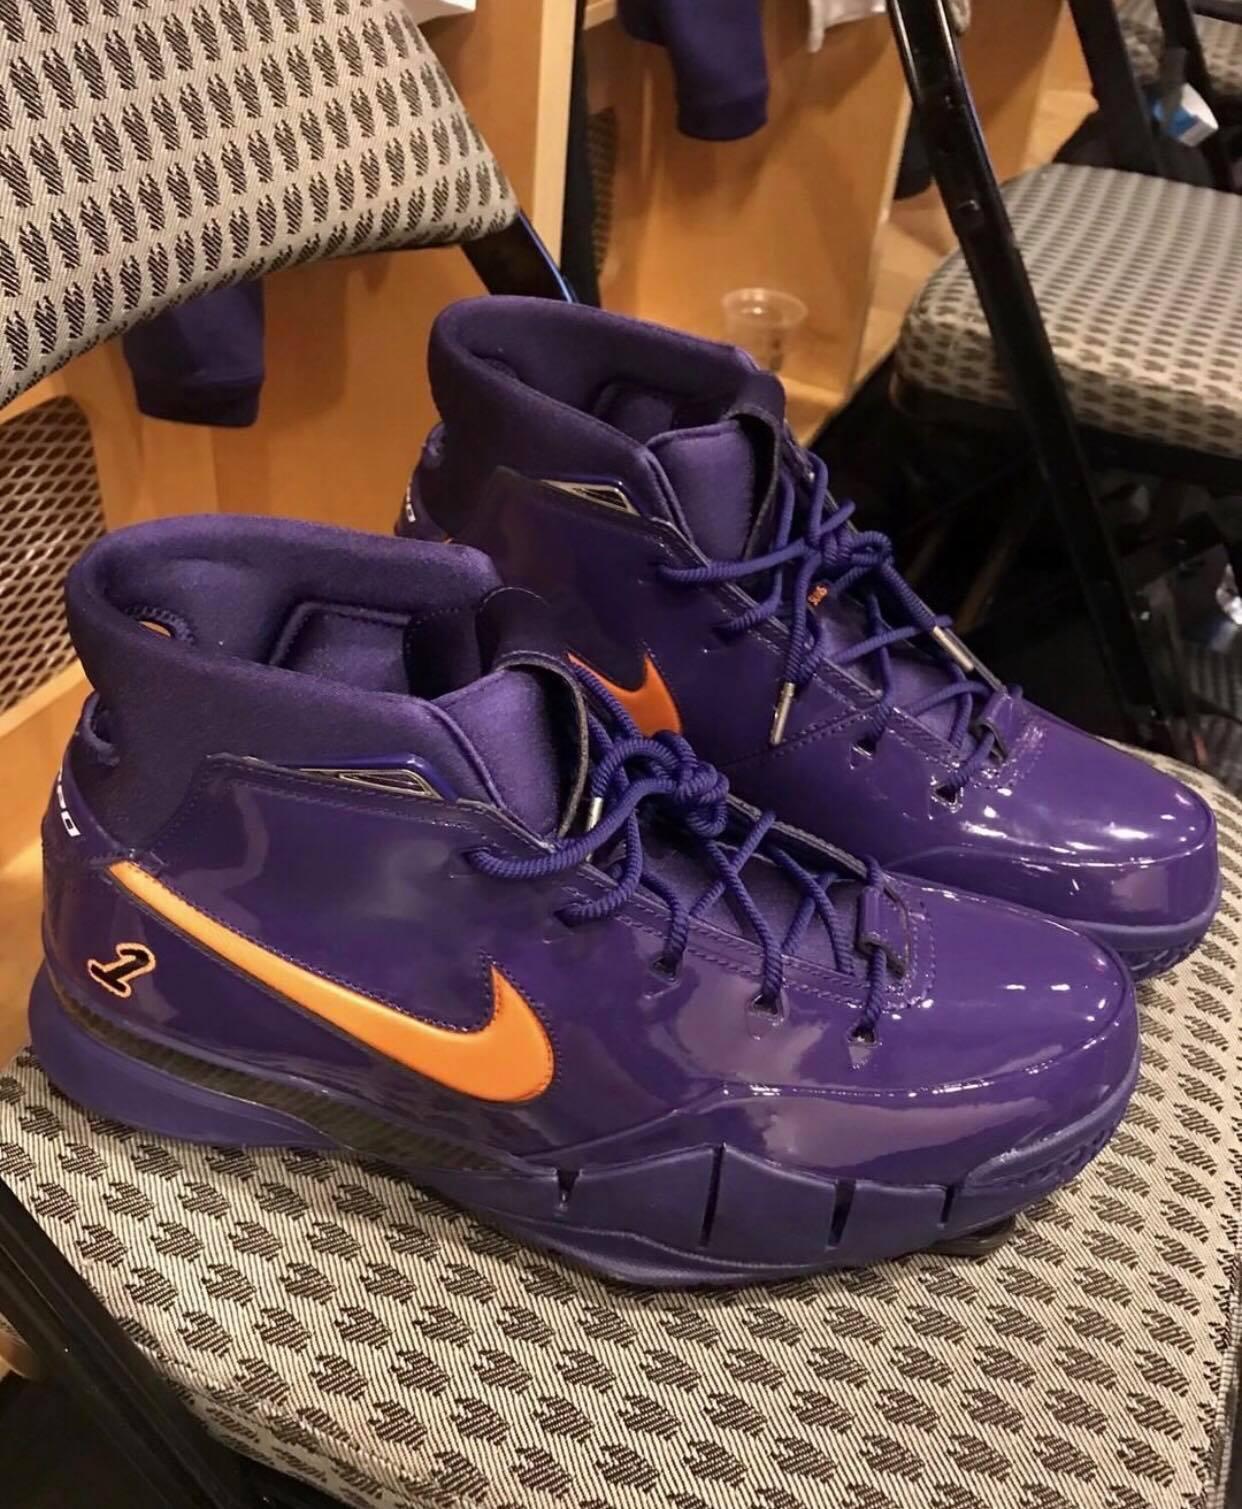 devin booker Nike Kobe 1 Protro PE